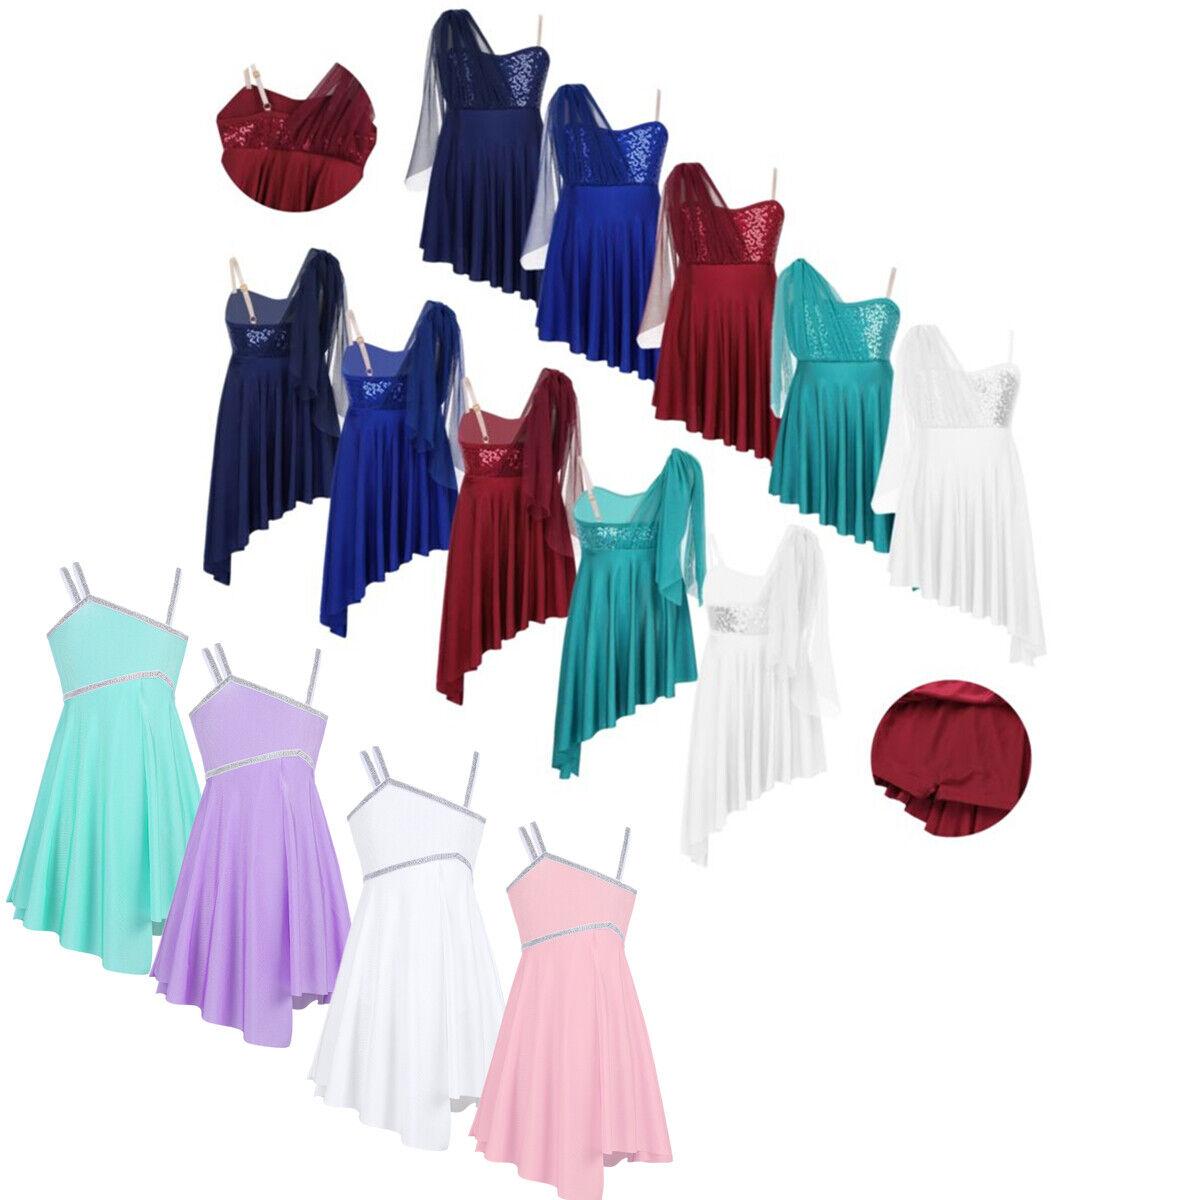 Kids Girls Ballet Lyrical Dance Dress Irregular High-low Skirt Modern Dance Wear